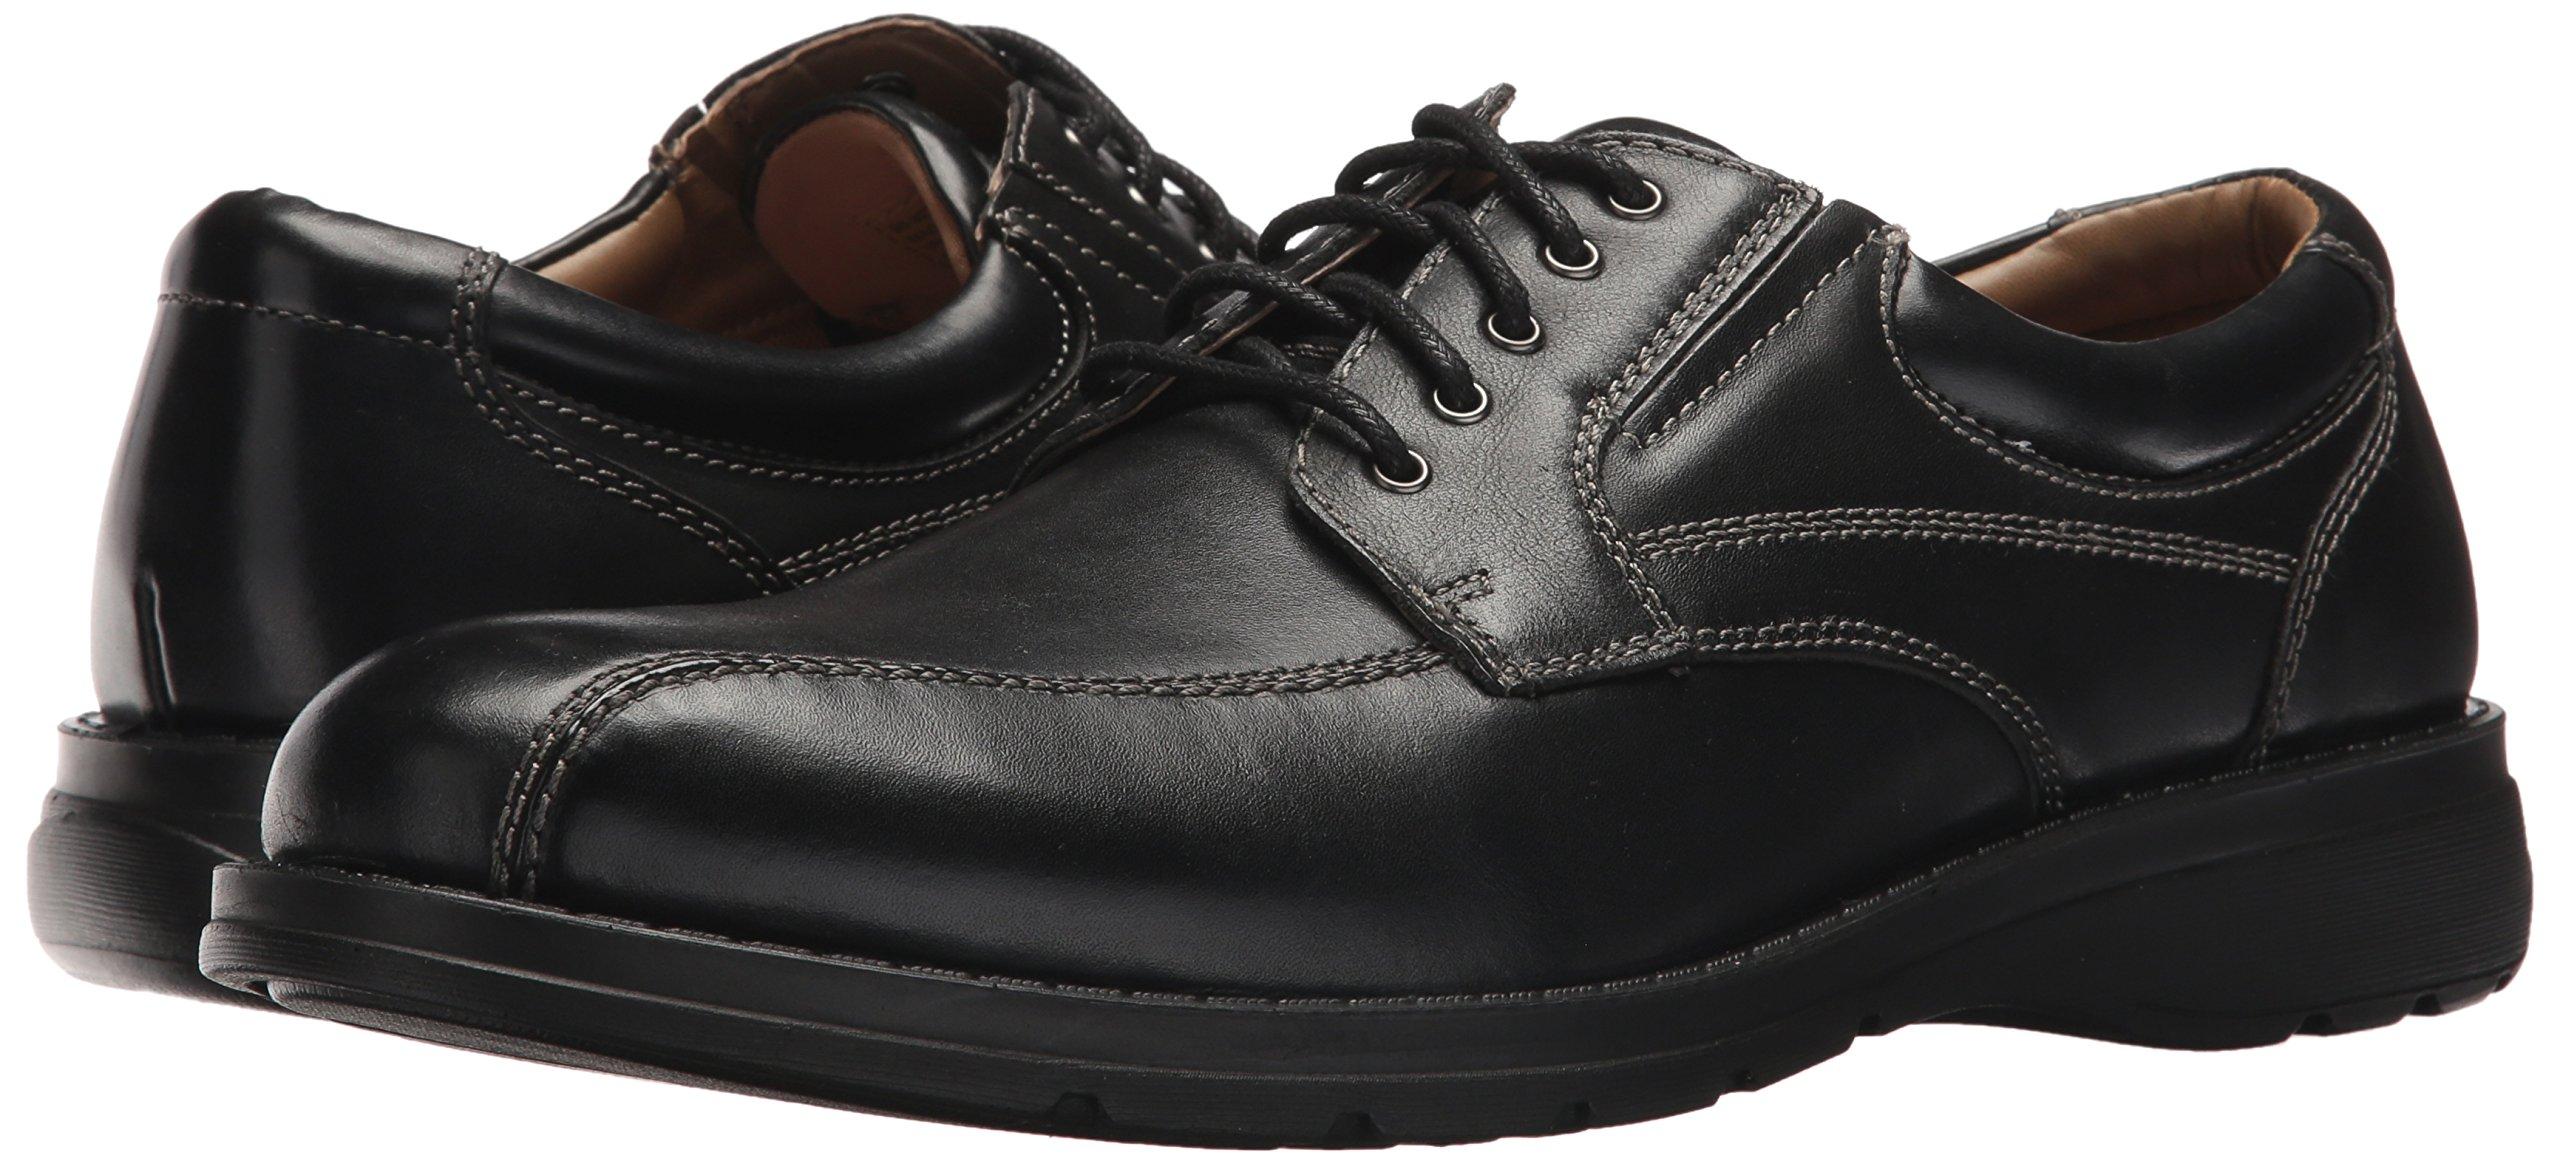 Dockers Men's Trustee 2.0 Oxford, Black